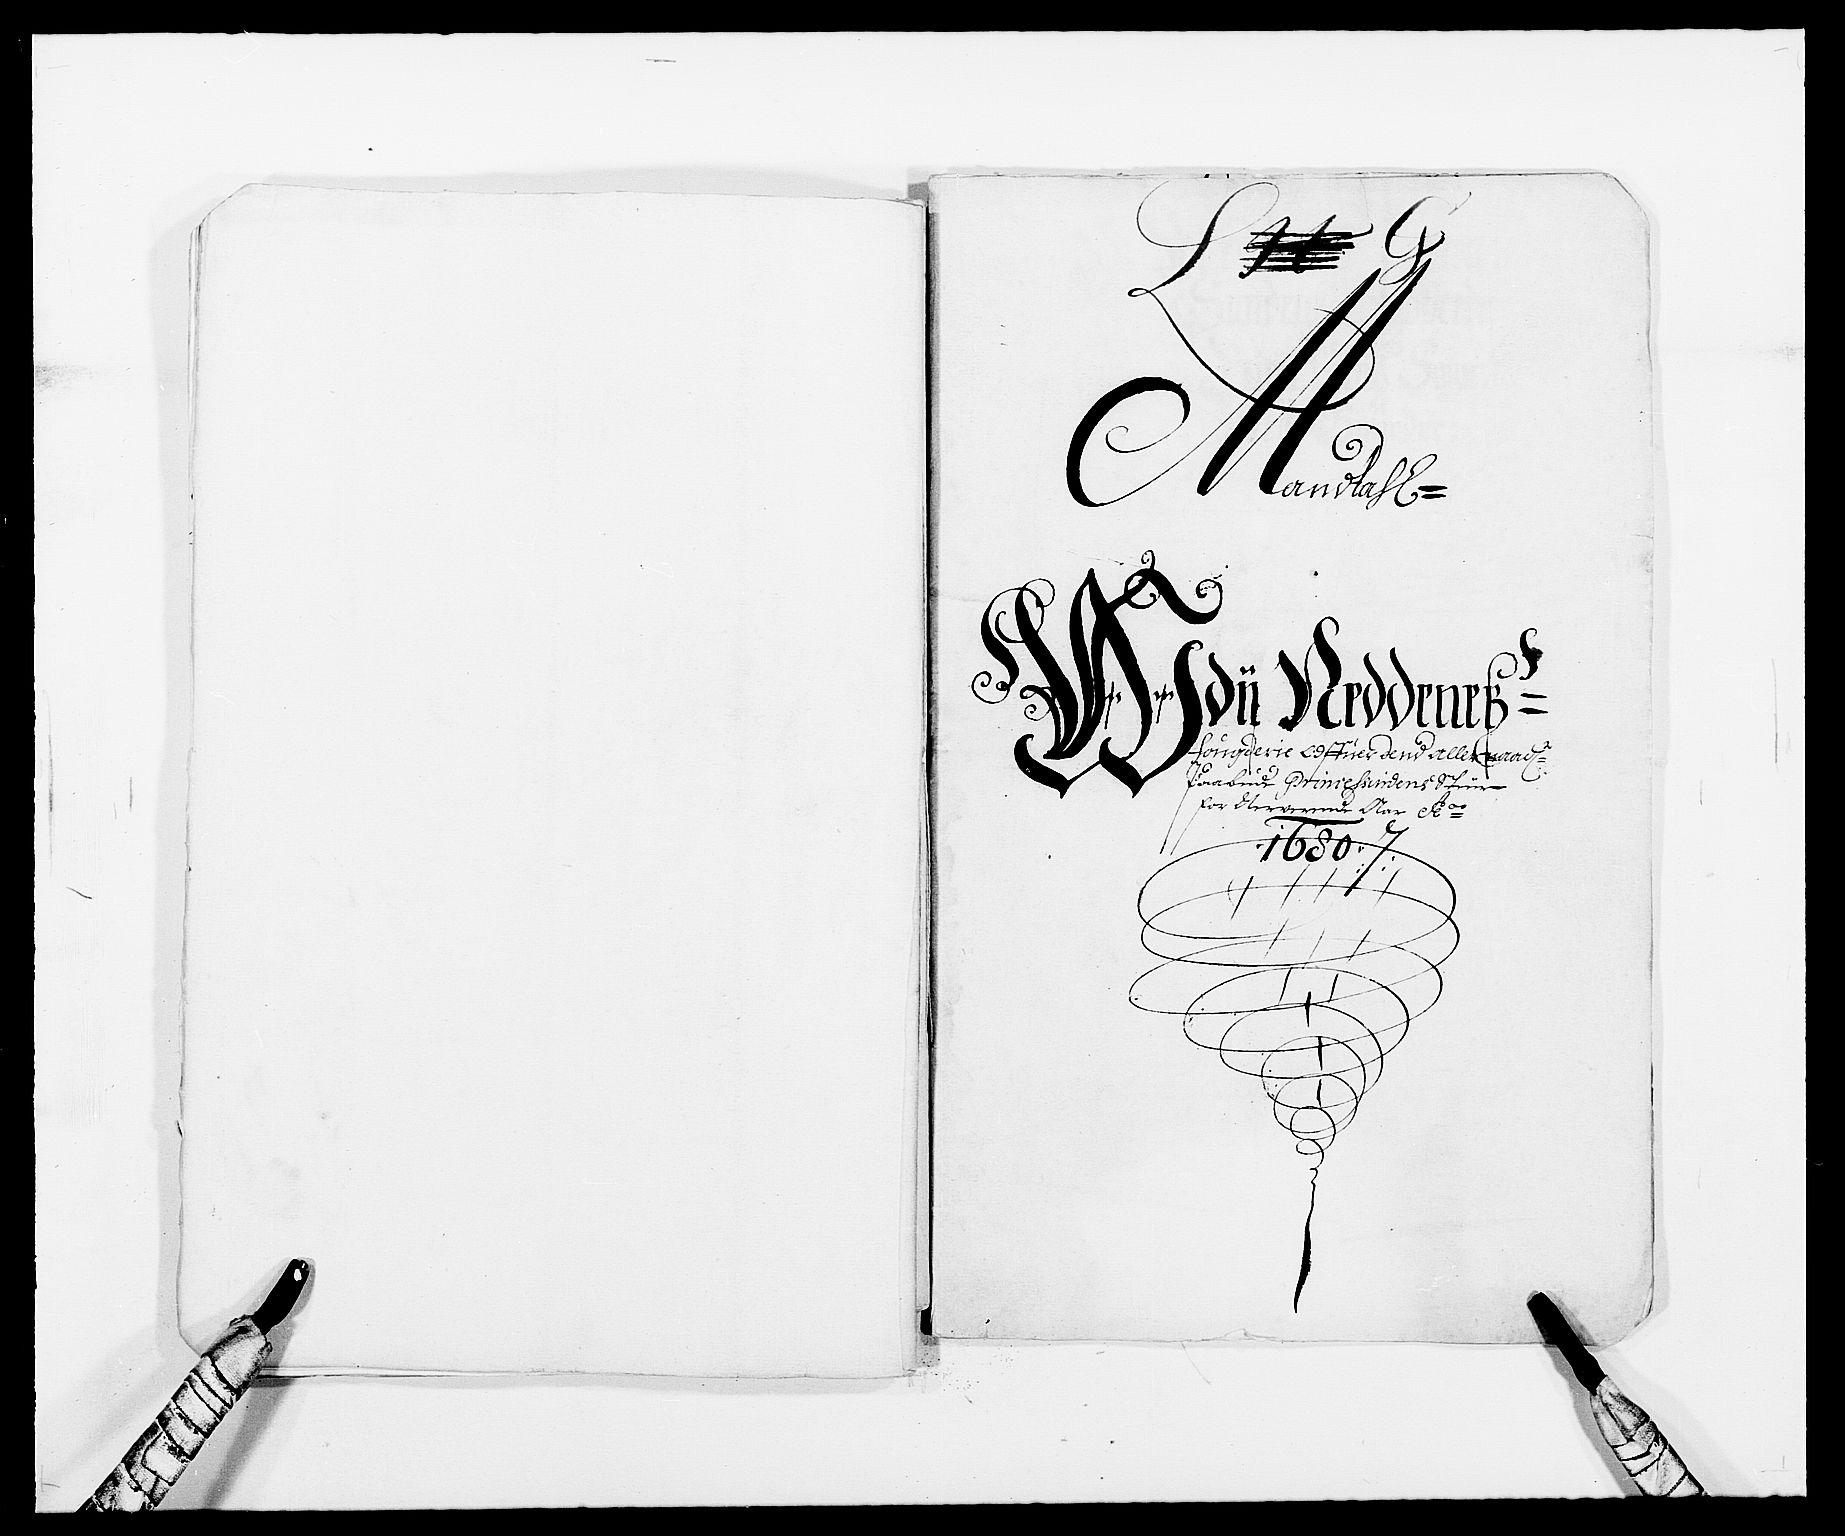 RA, Rentekammeret inntil 1814, Reviderte regnskaper, Fogderegnskap, R39/L2304: Fogderegnskap Nedenes, 1680-1682, s. 129